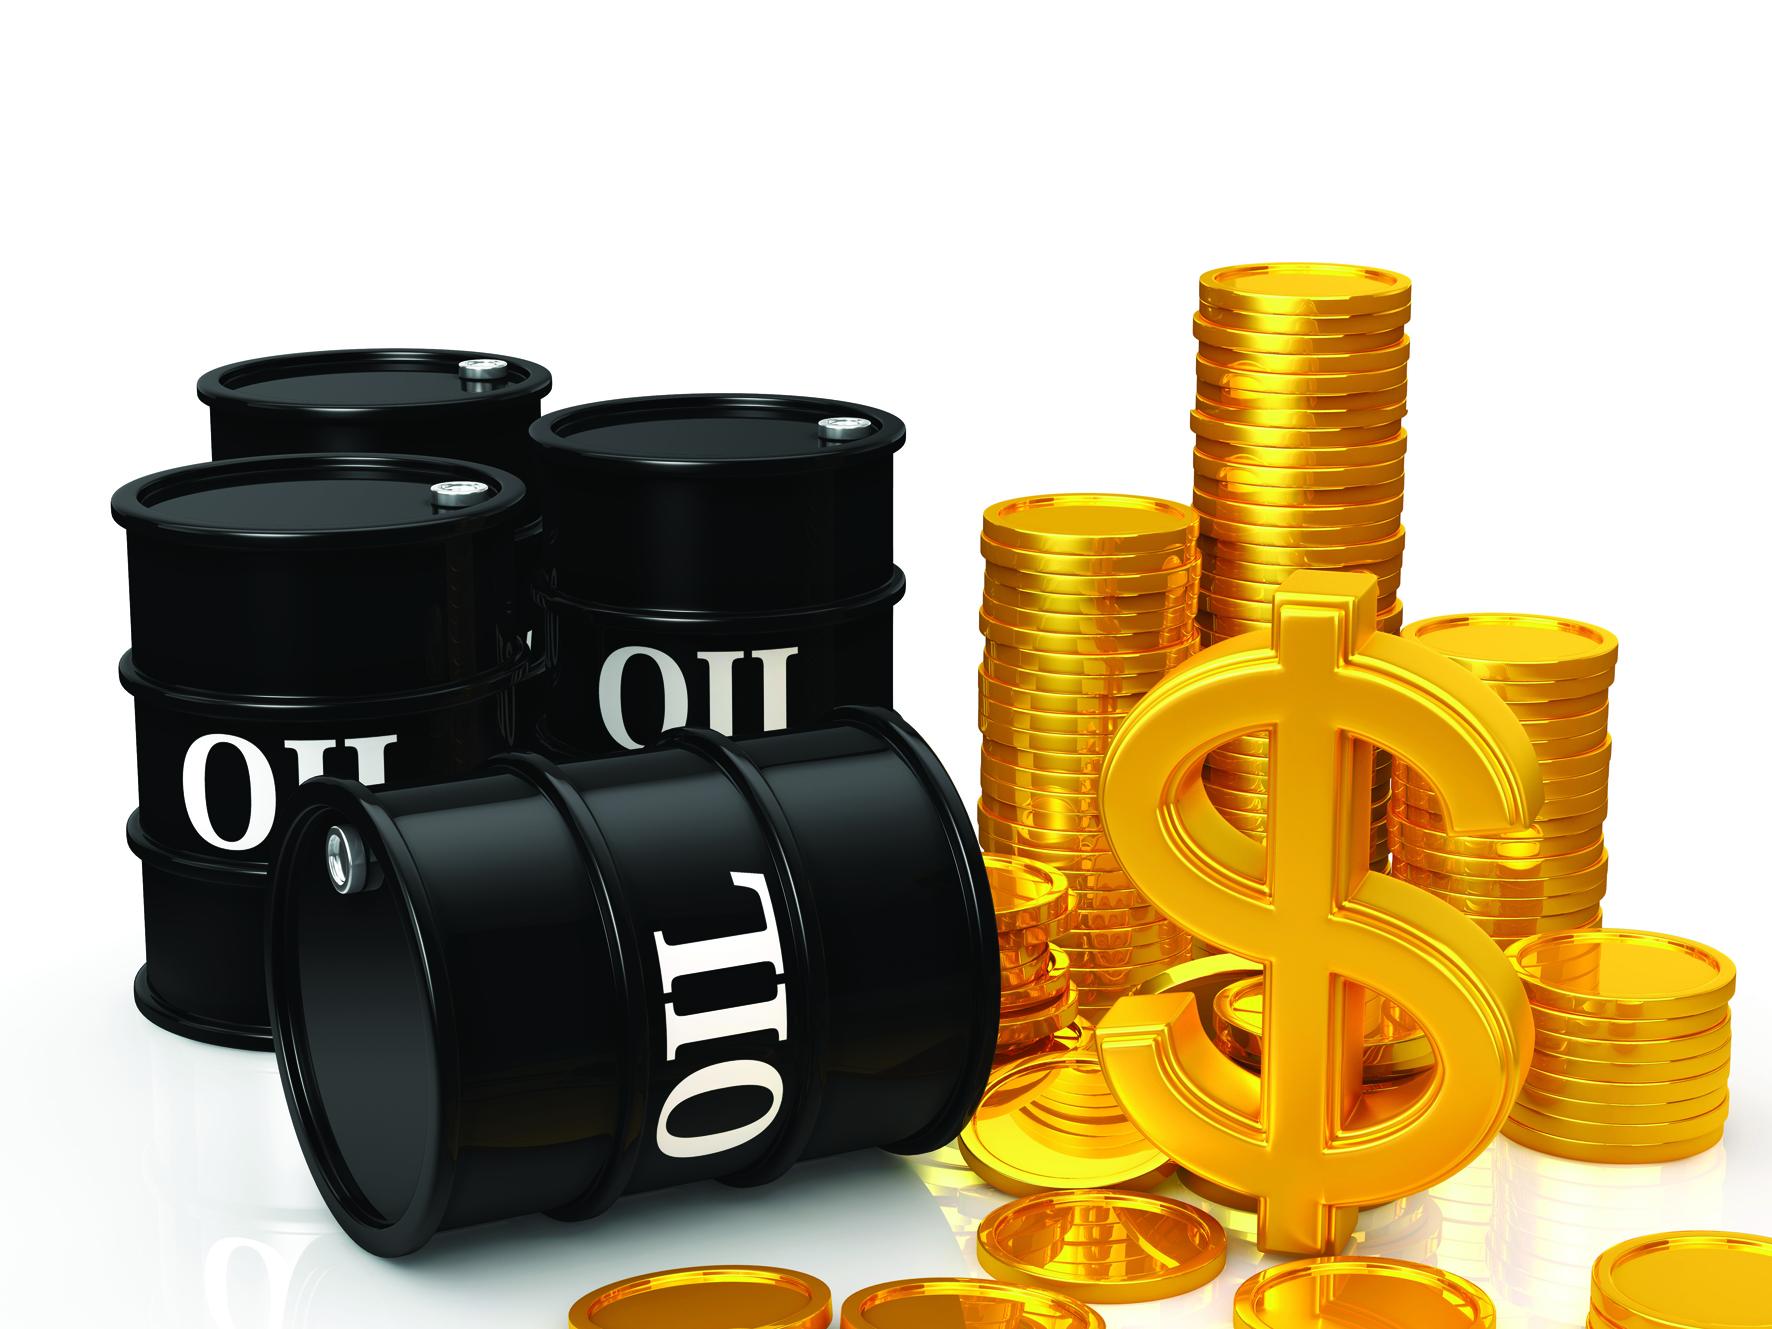 أسعار الذهب وعلاقته  مع النفط والدولار